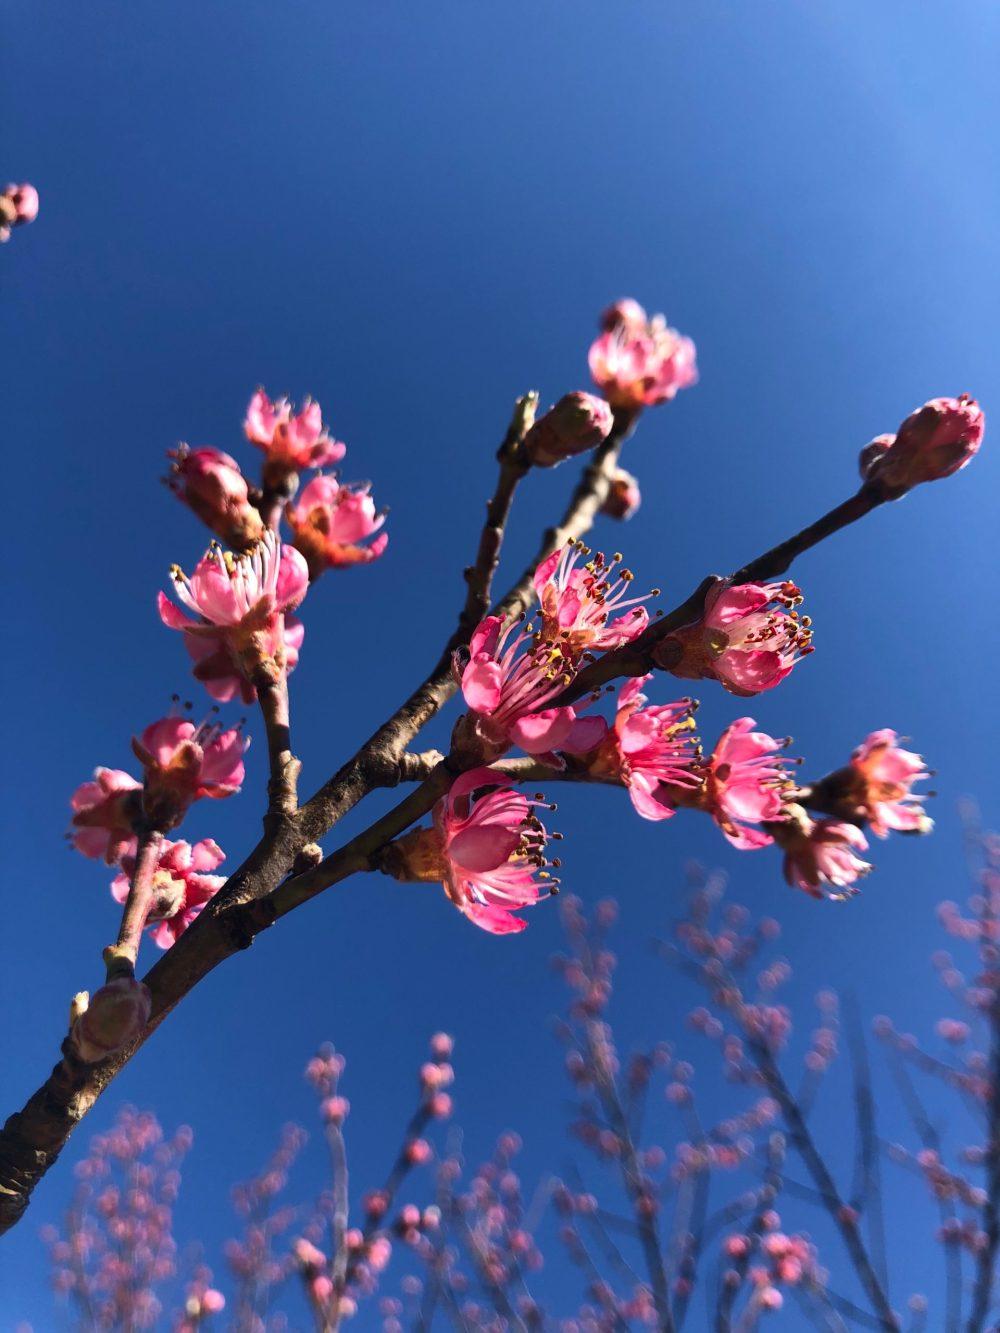 Pfirsichblüten unter blauem Himmel